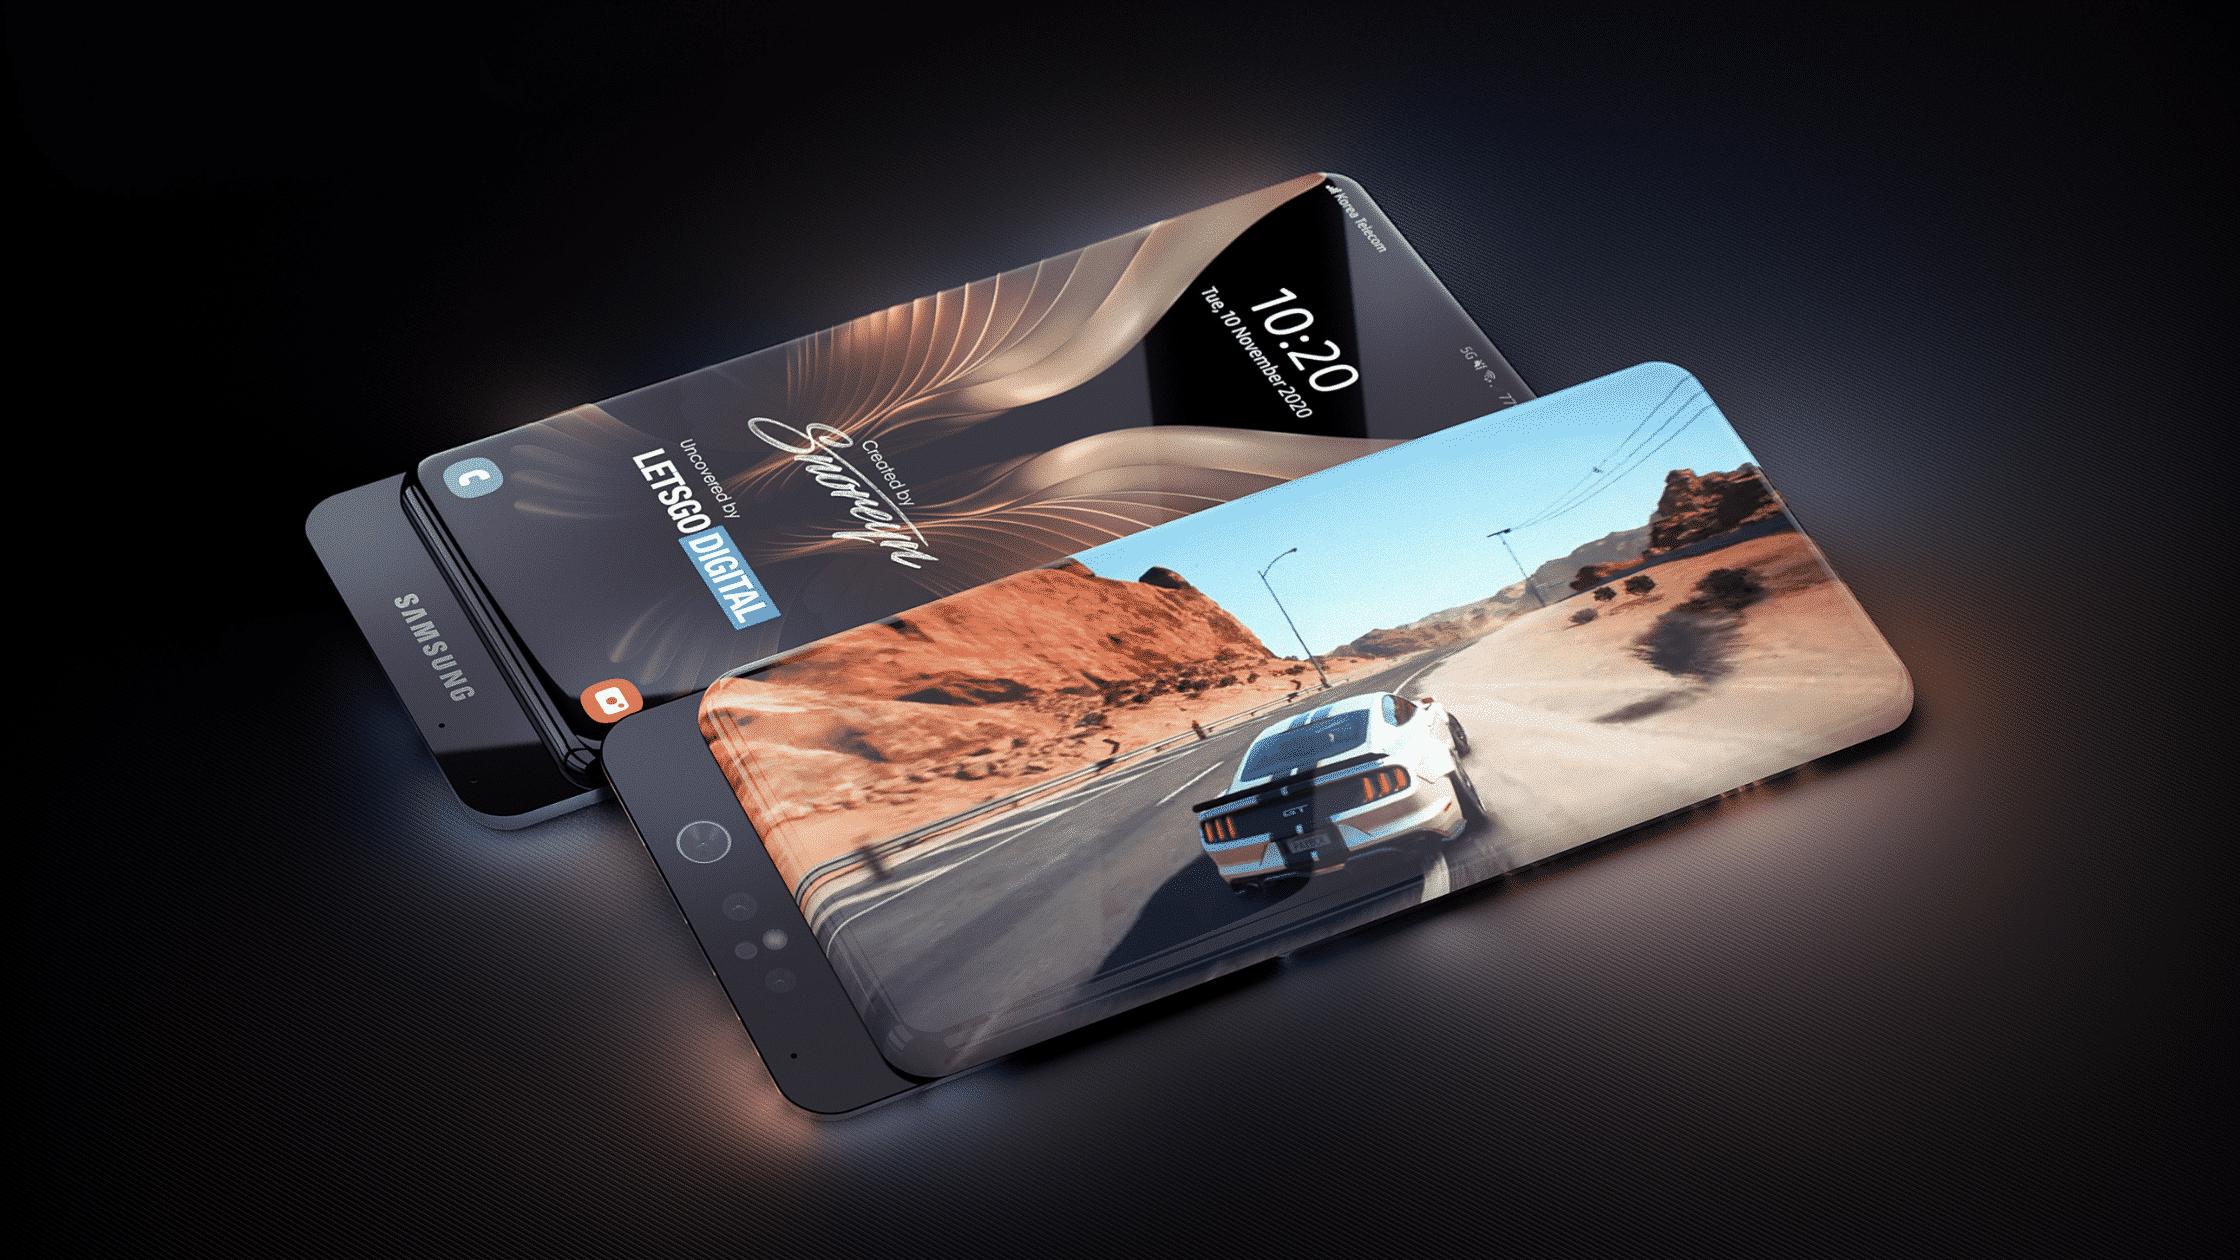 Konsep Ponsel Masa Depan Samsung dengan Layar Surround dan Kamera Geser